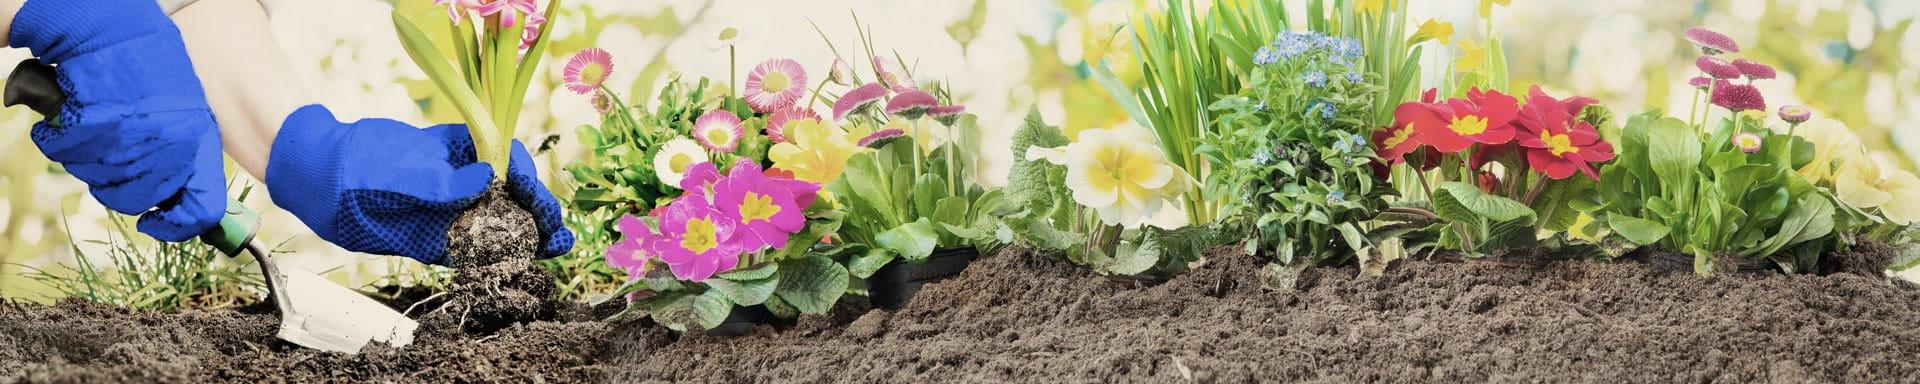 il giardinaggio con fiori